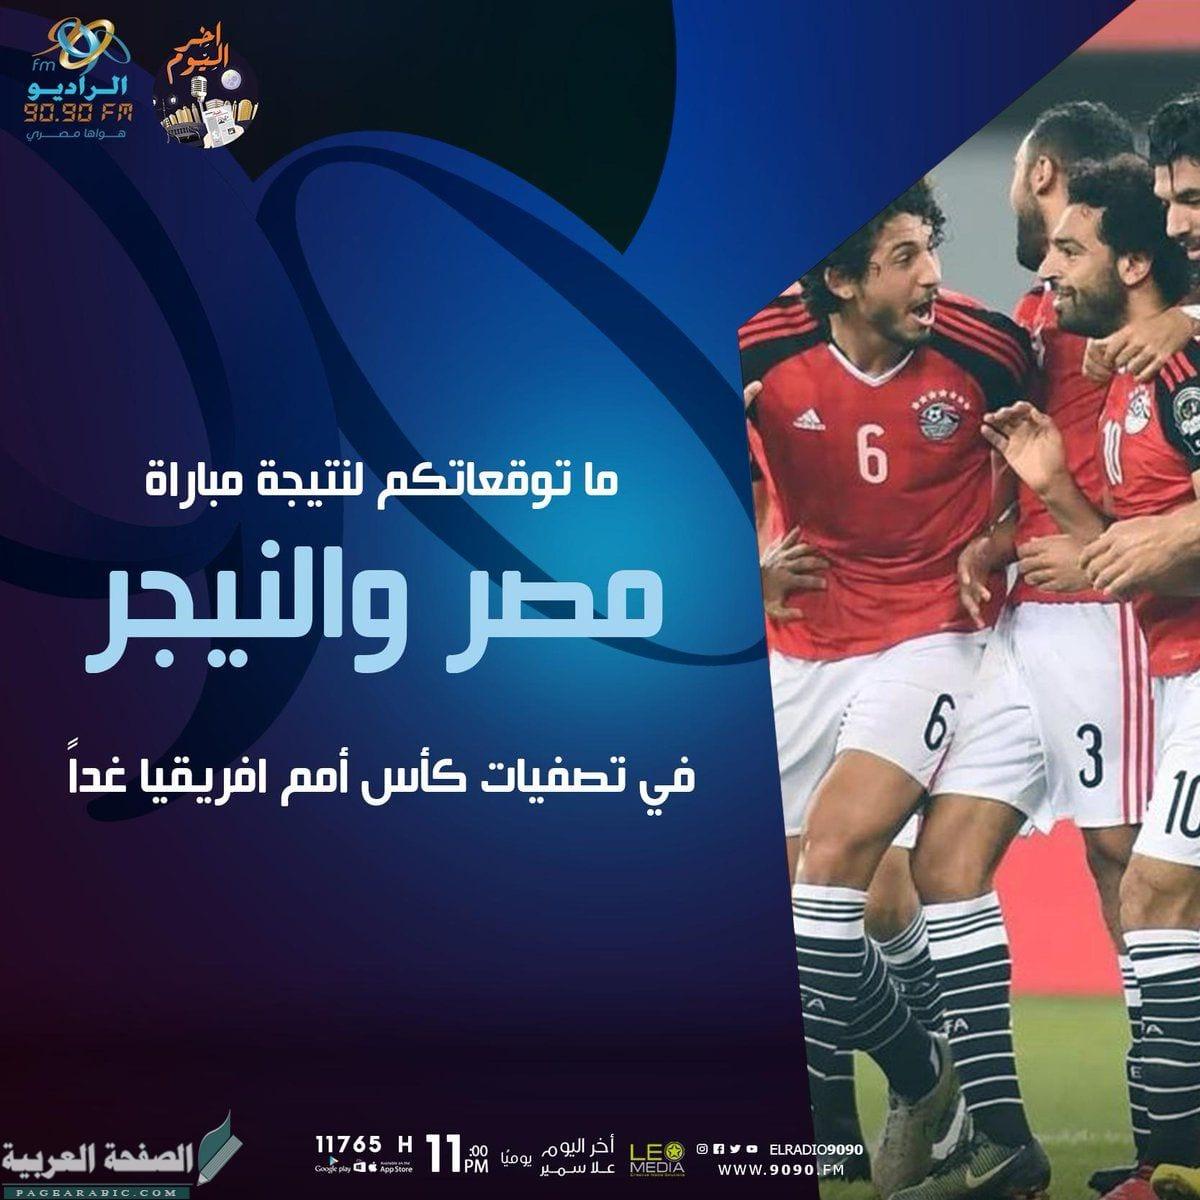 Photo of مشاهدة مباراة مصر والنيجر في تصفيات كأس امم افريقيا